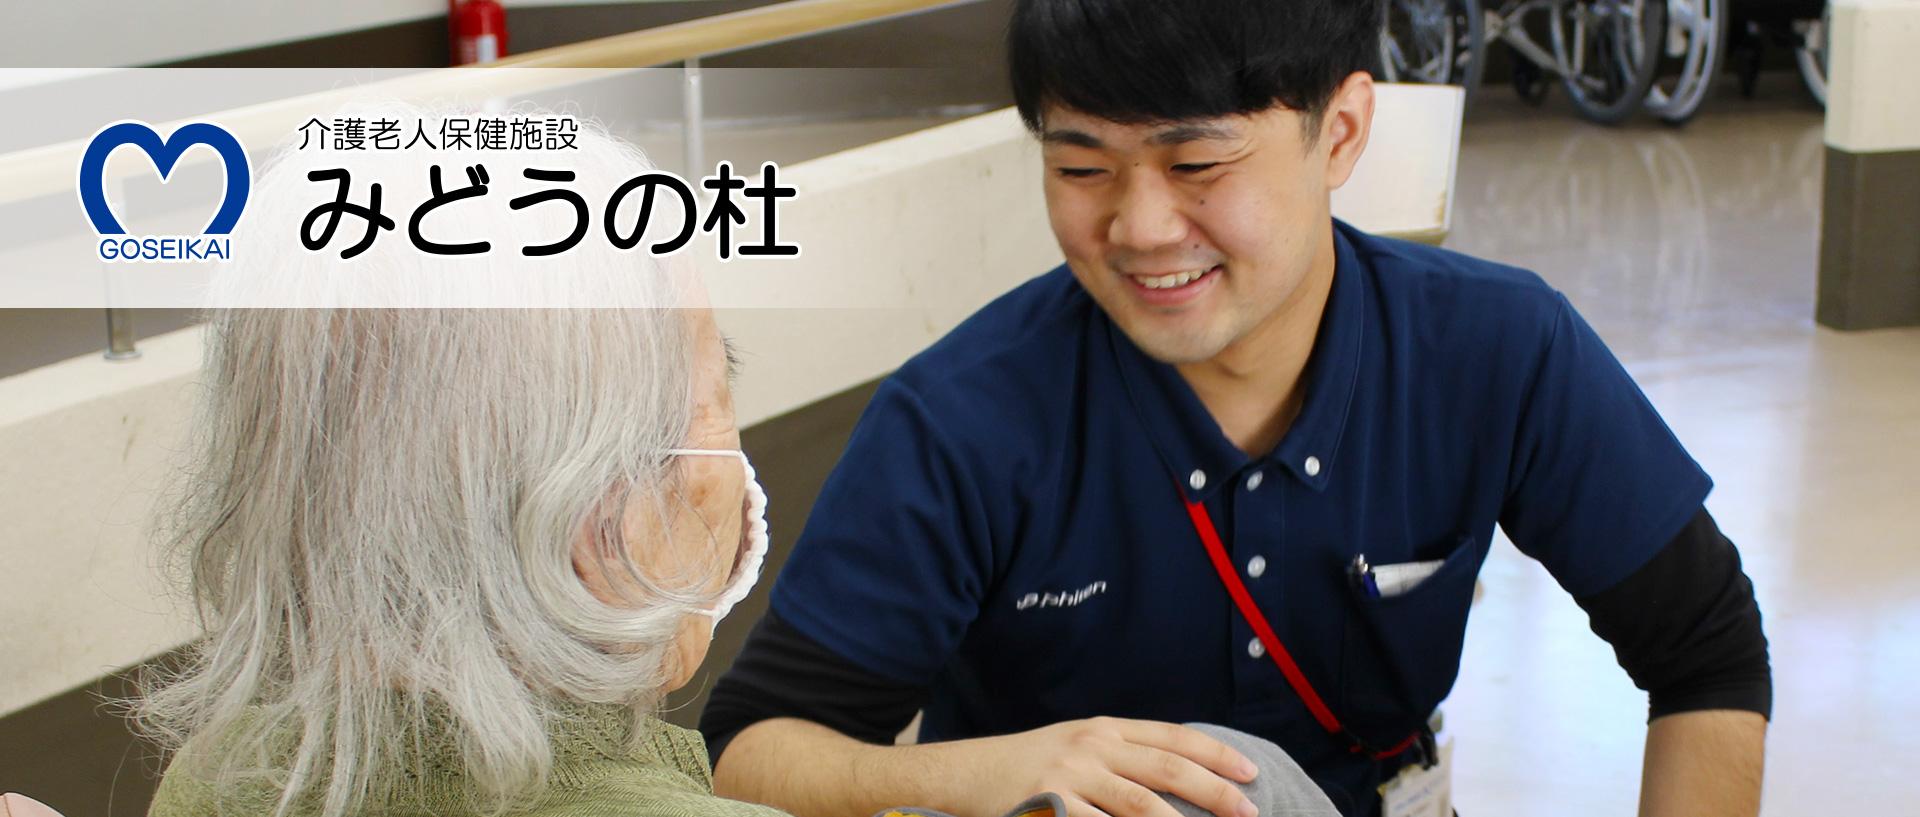 介護老人保健施設 みどうの杜 トップイメージ